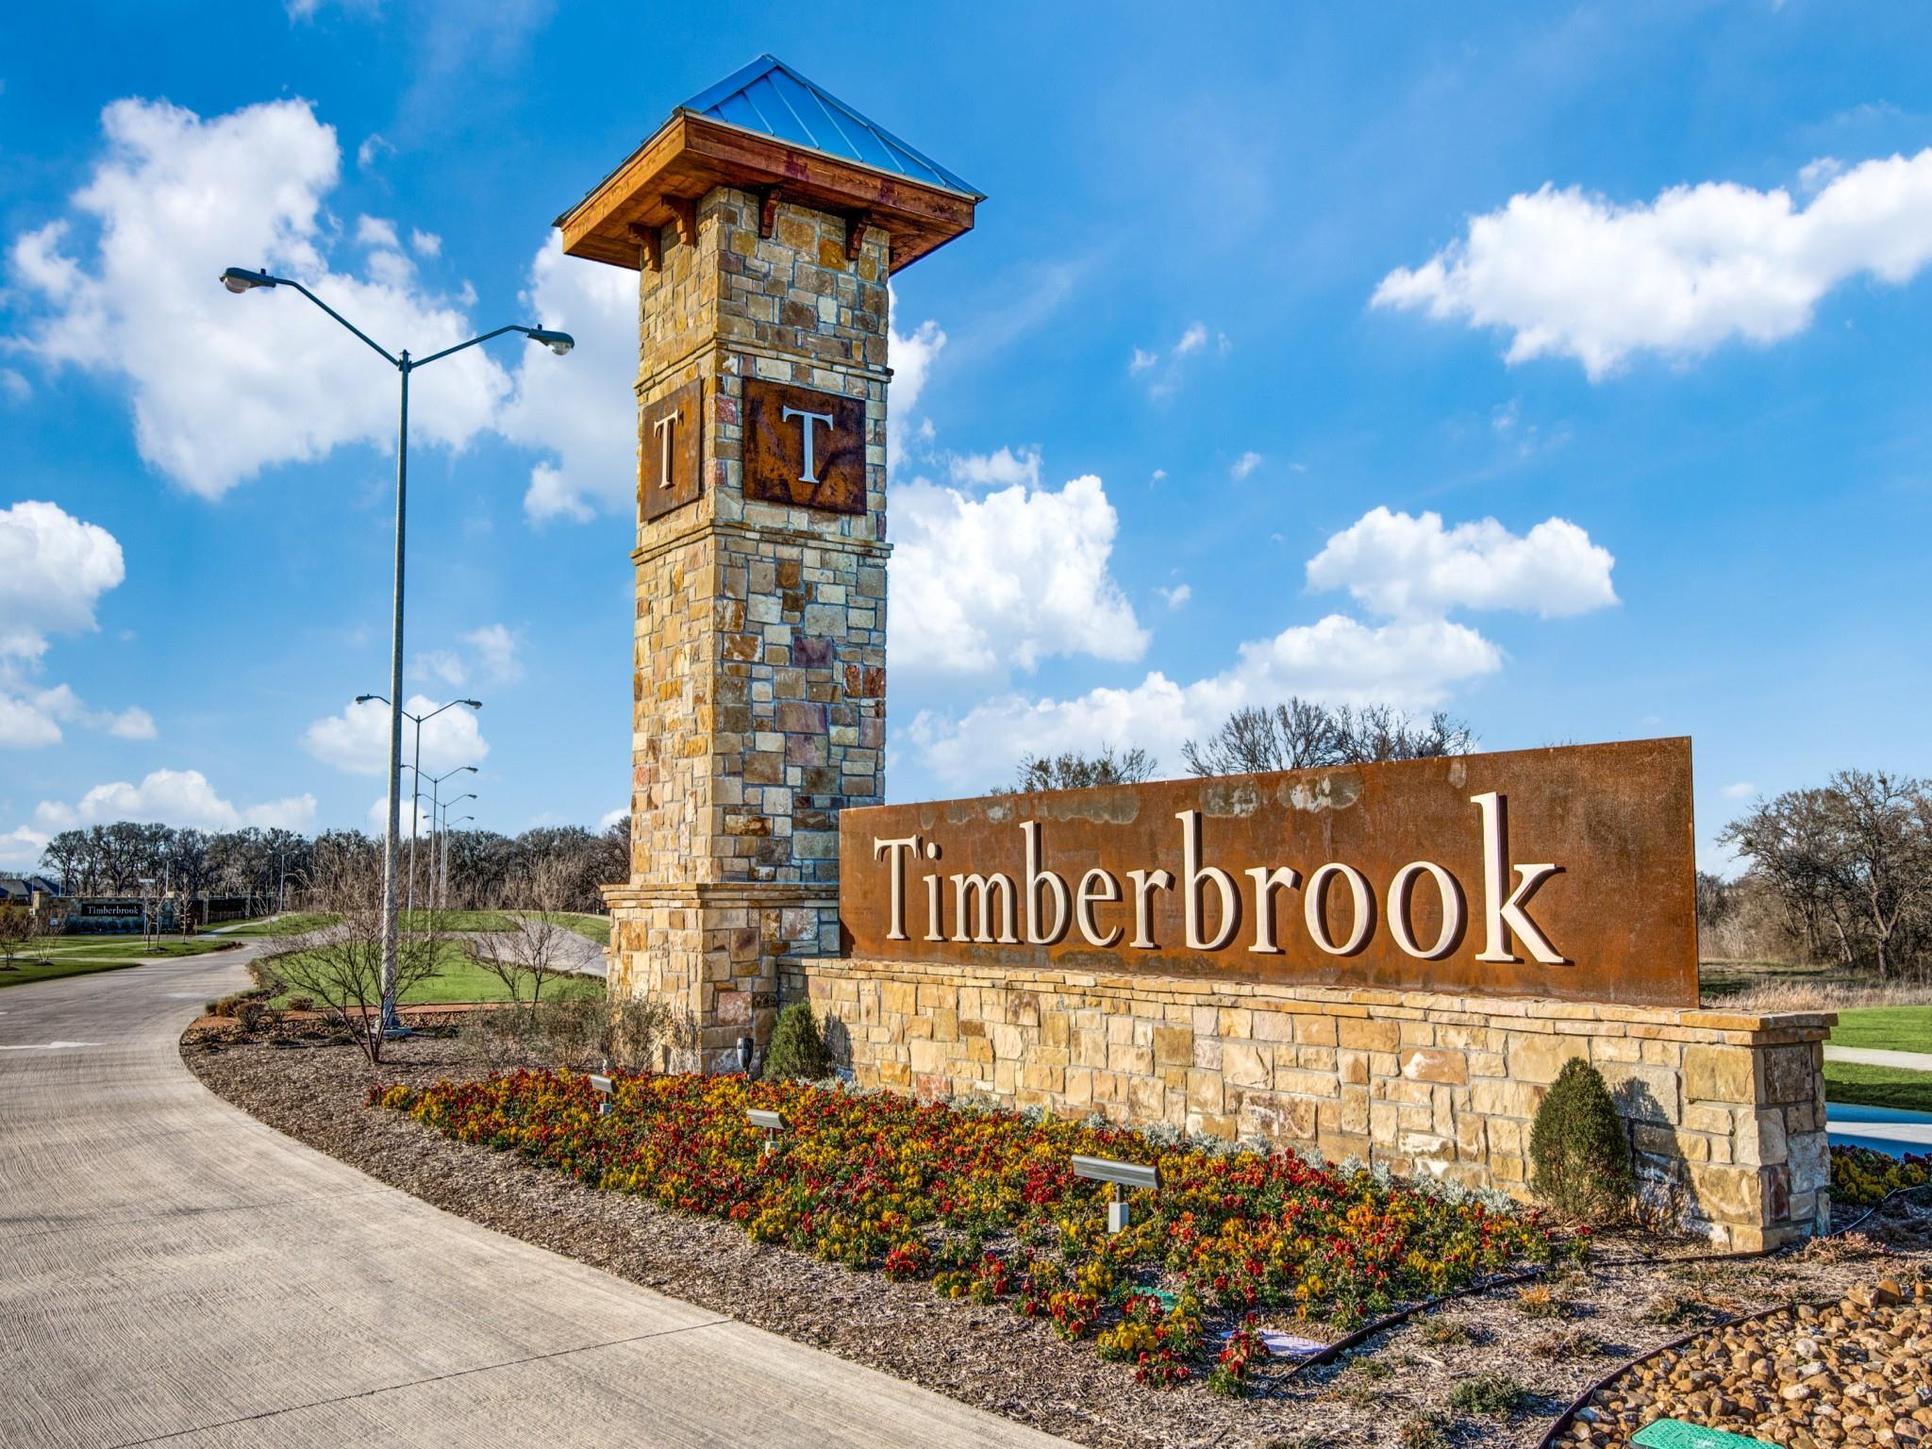 Timberbrook Sign:Timberbrook Community Signs